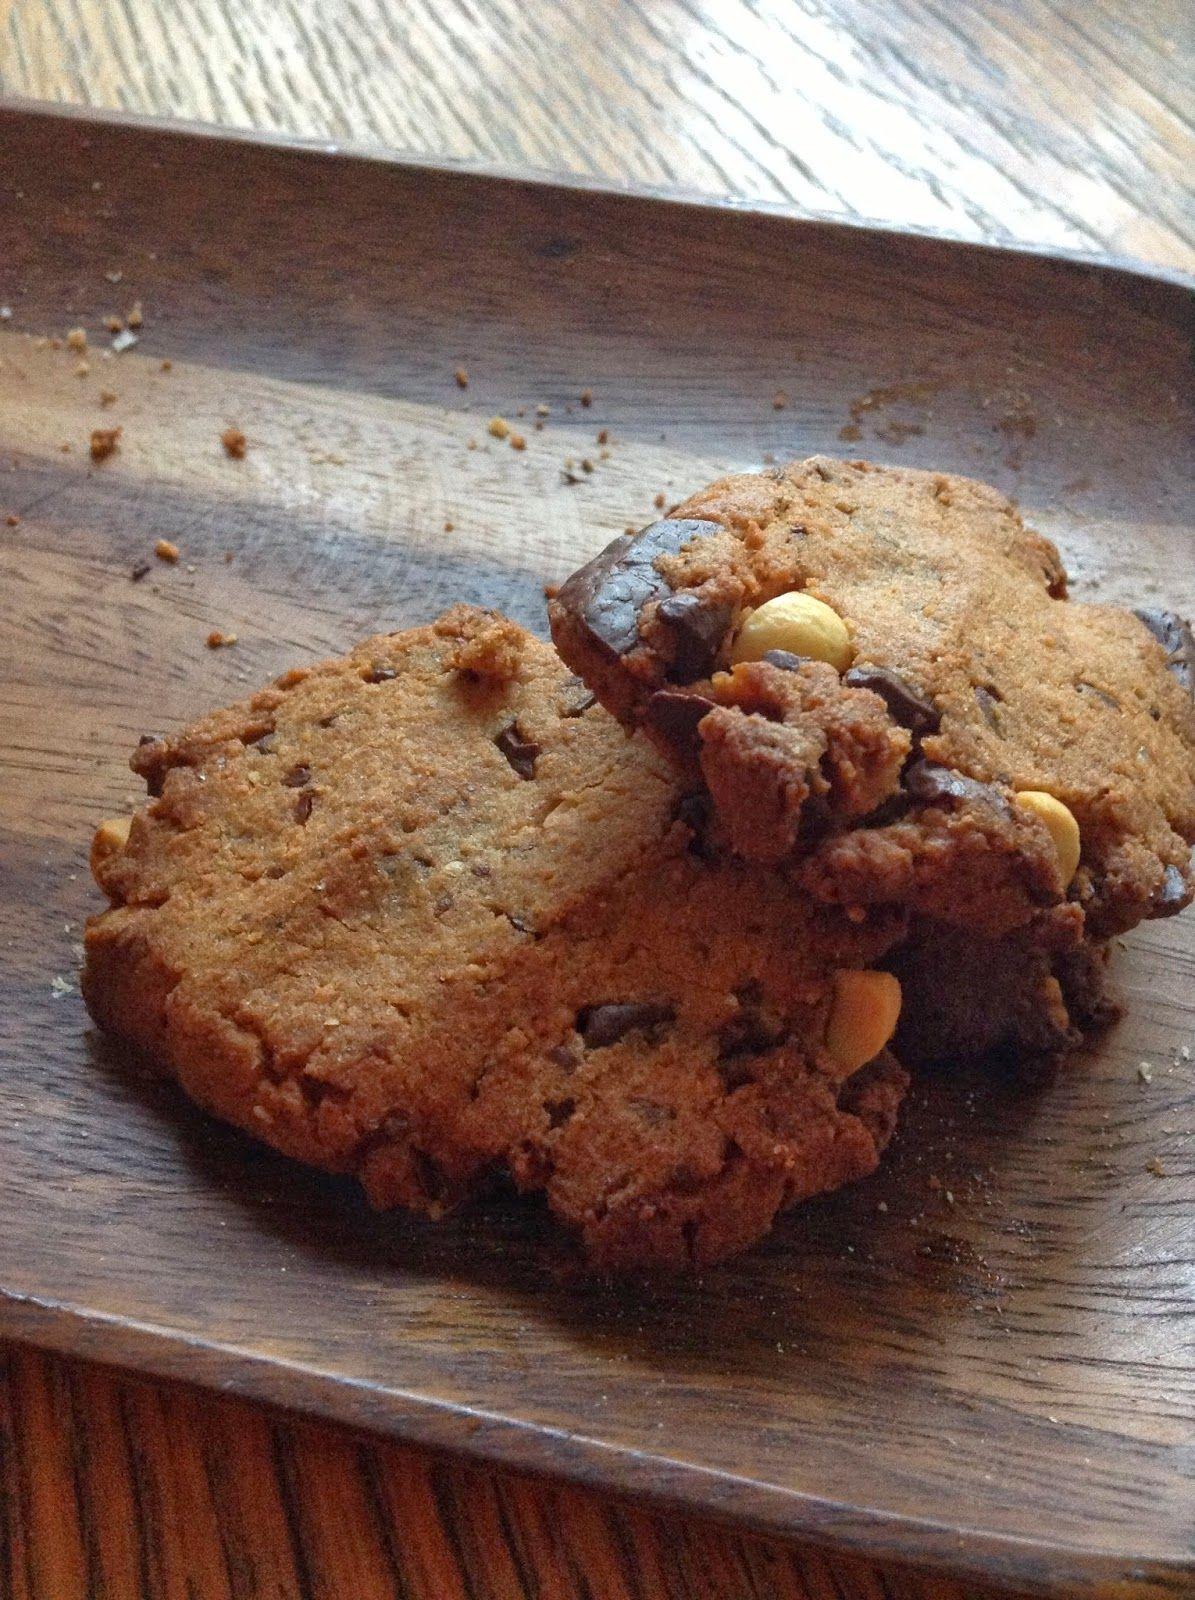 Vegemisiä: Suklaata ja suolapähkinöitä